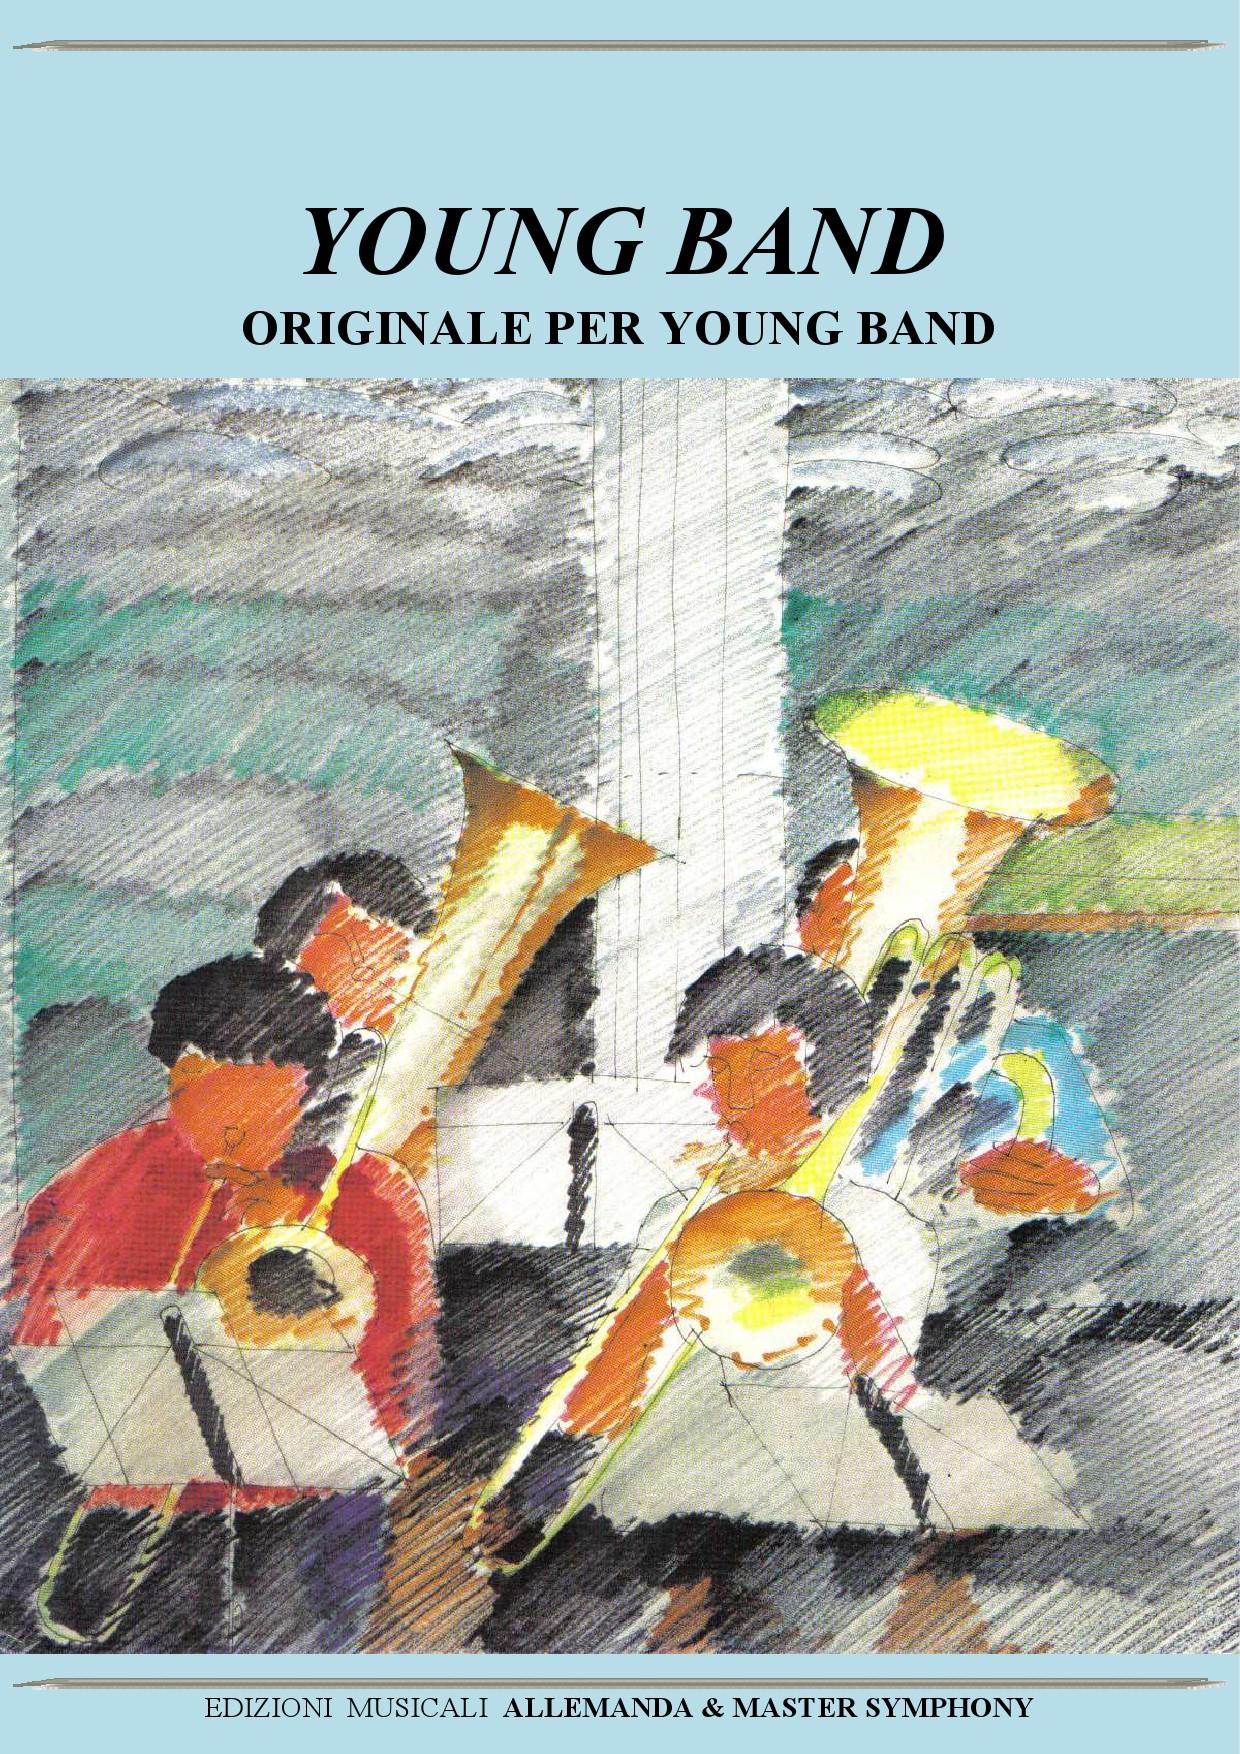 Originali per Young Band